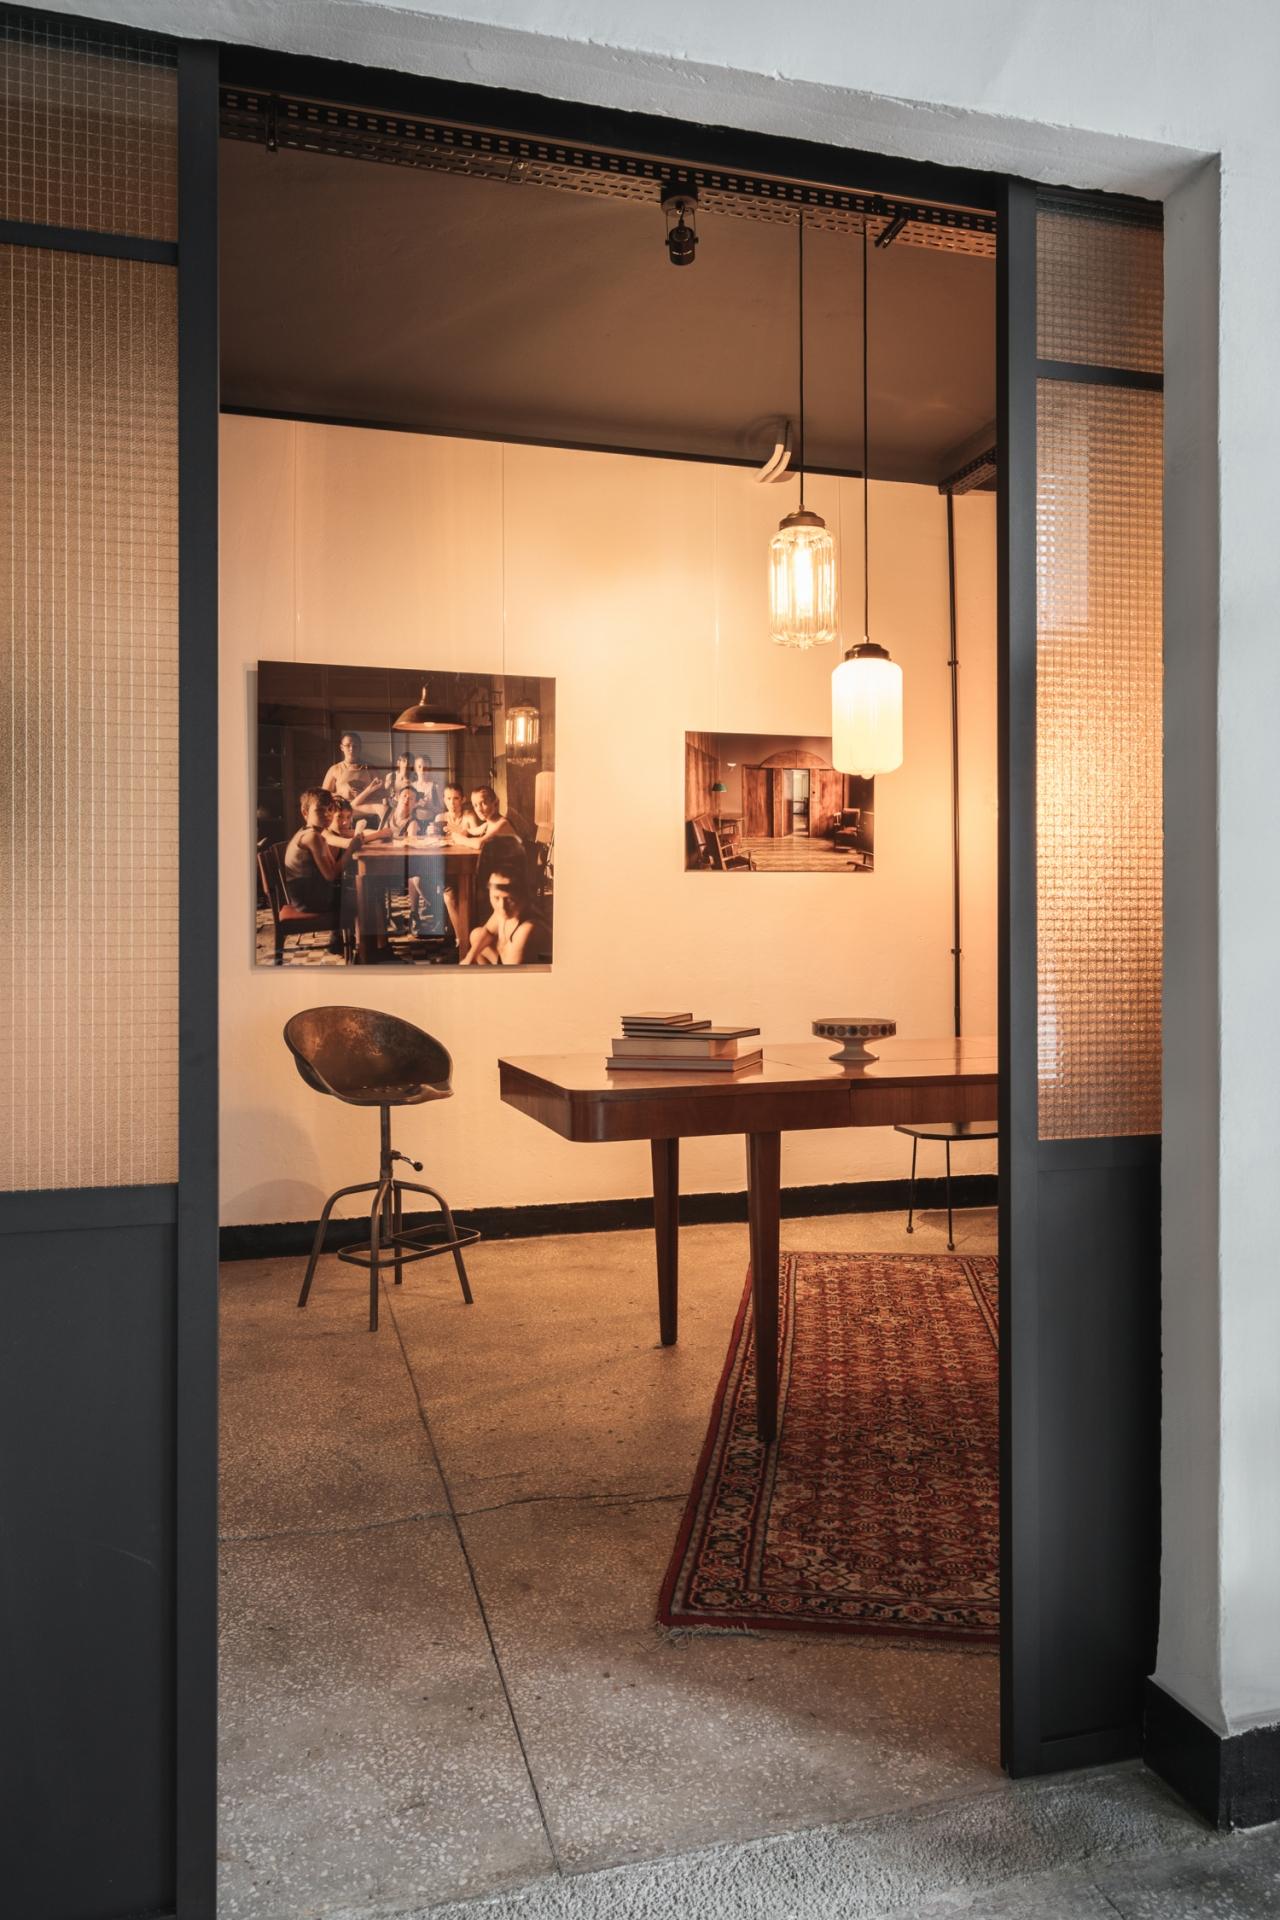 Intterno-concept-store-designalive-5